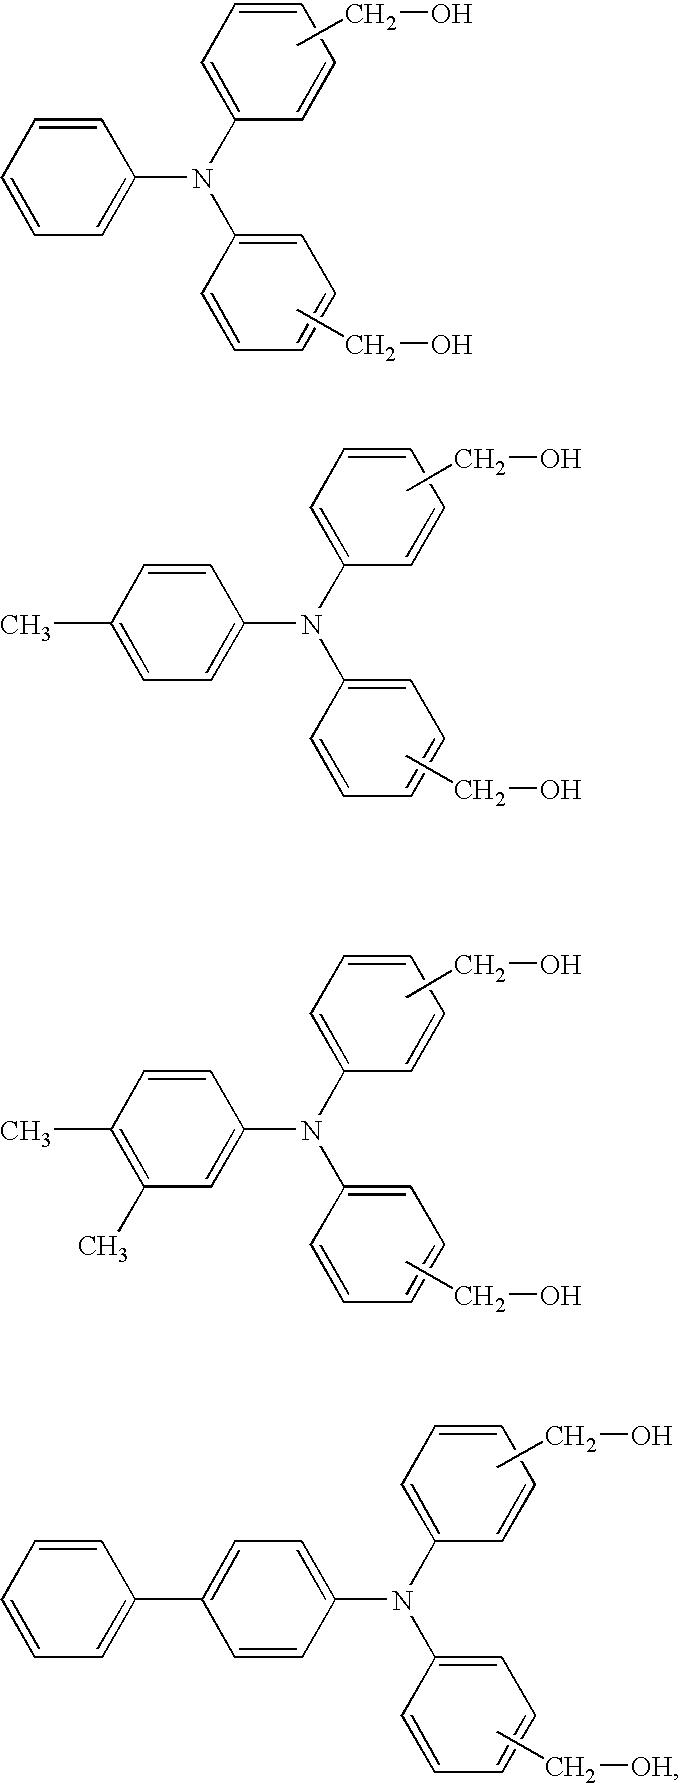 Figure US20100068636A1-20100318-C00011